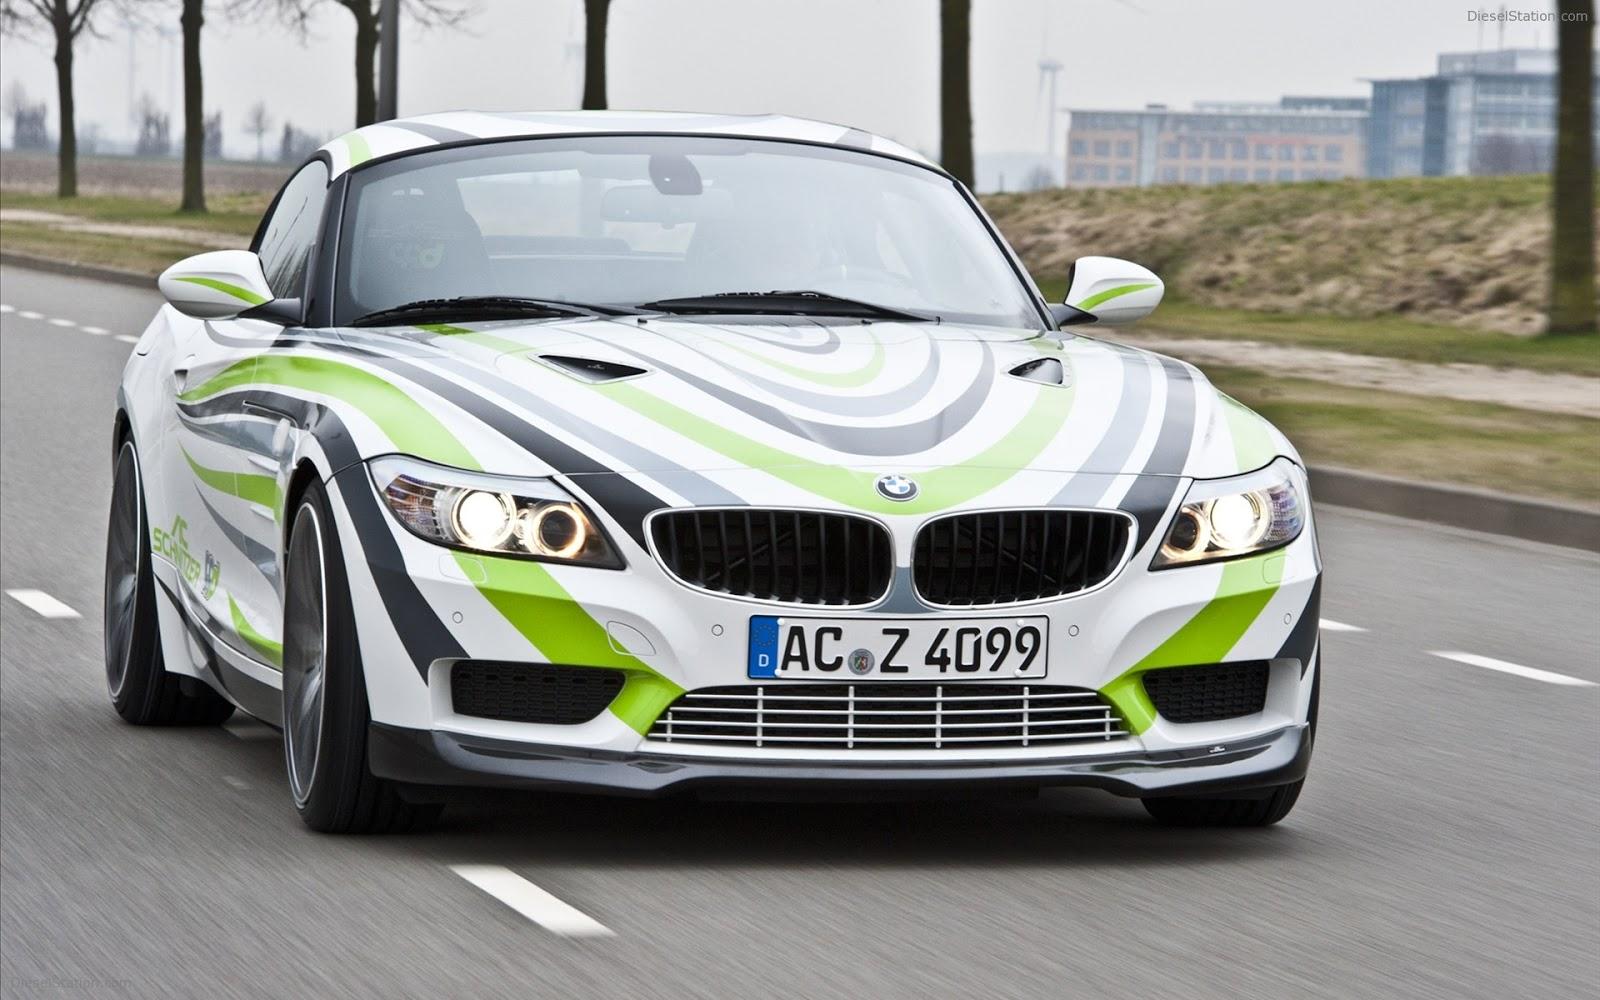 AC Schnitzer Cars